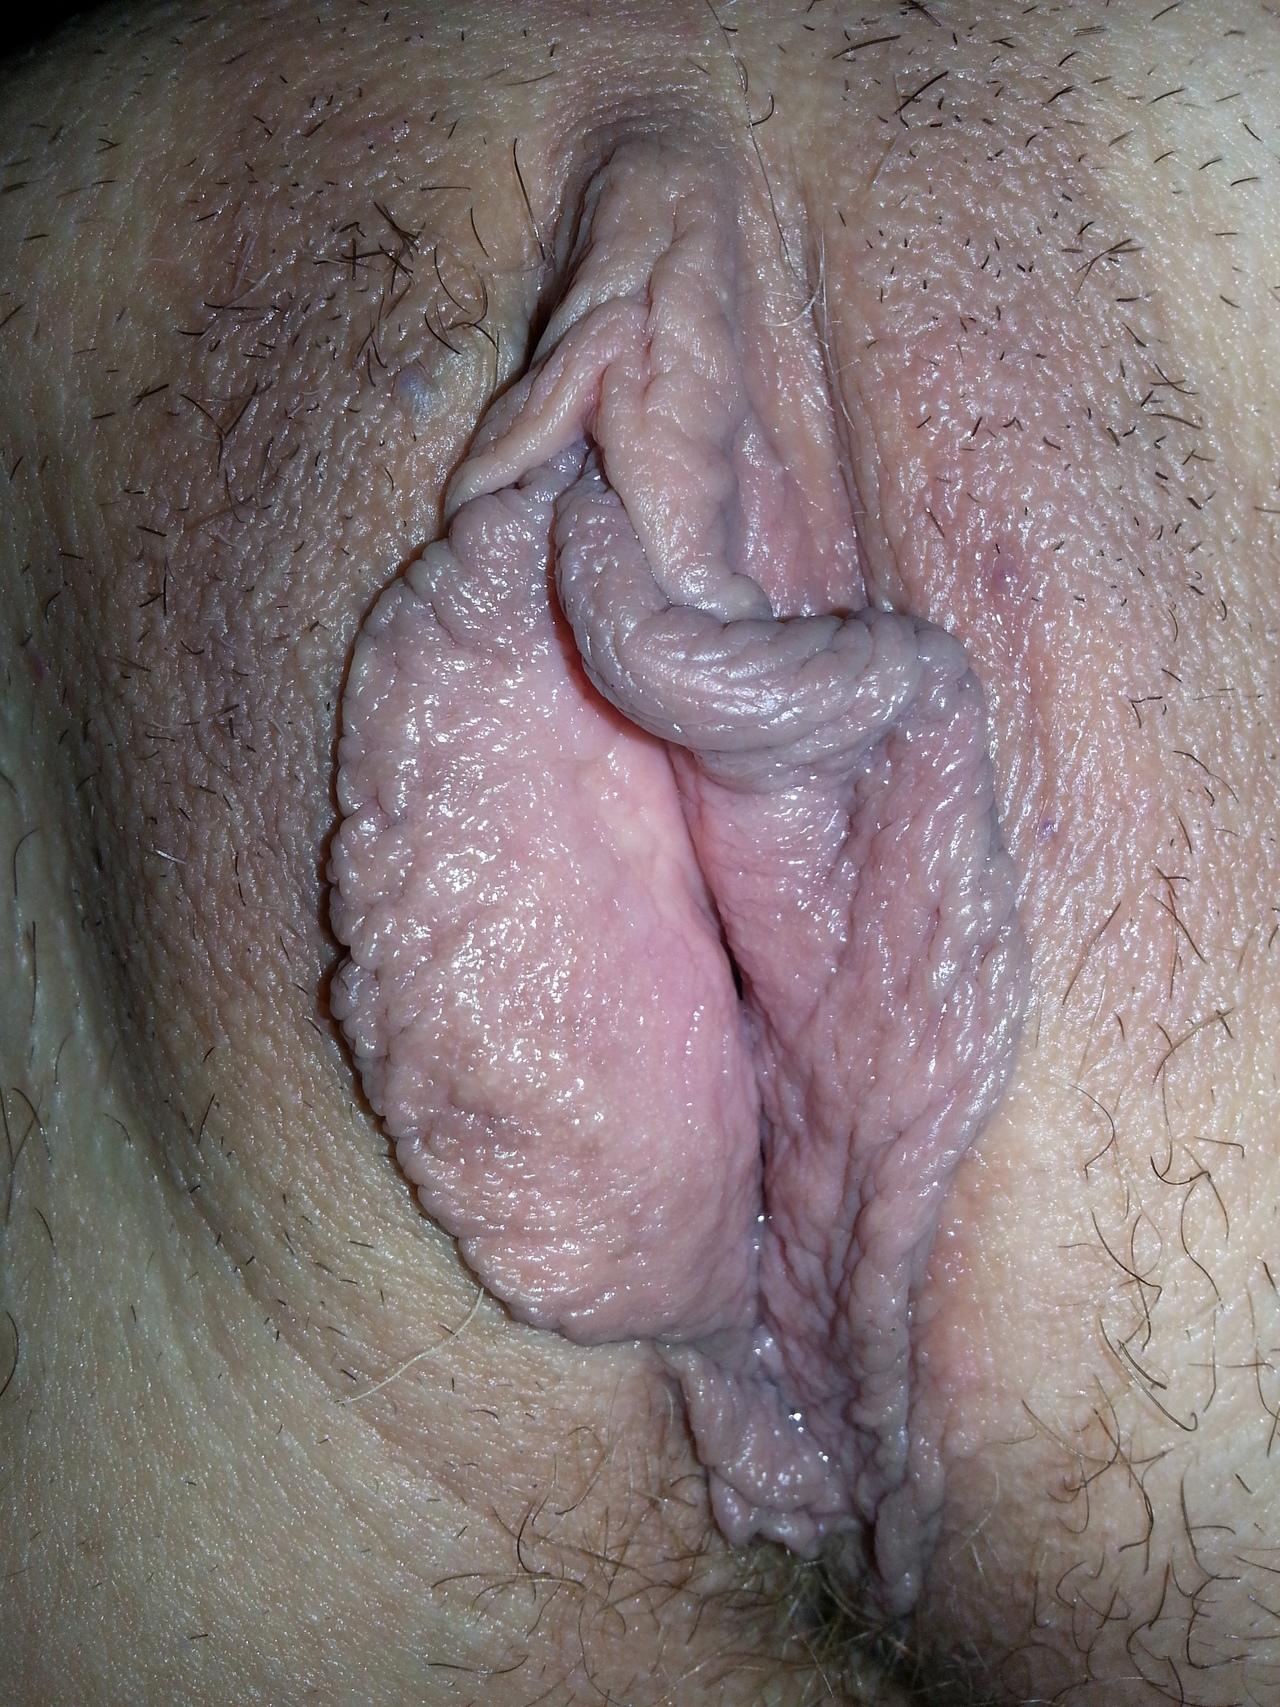 sexsfun kut met grote schaamlippen